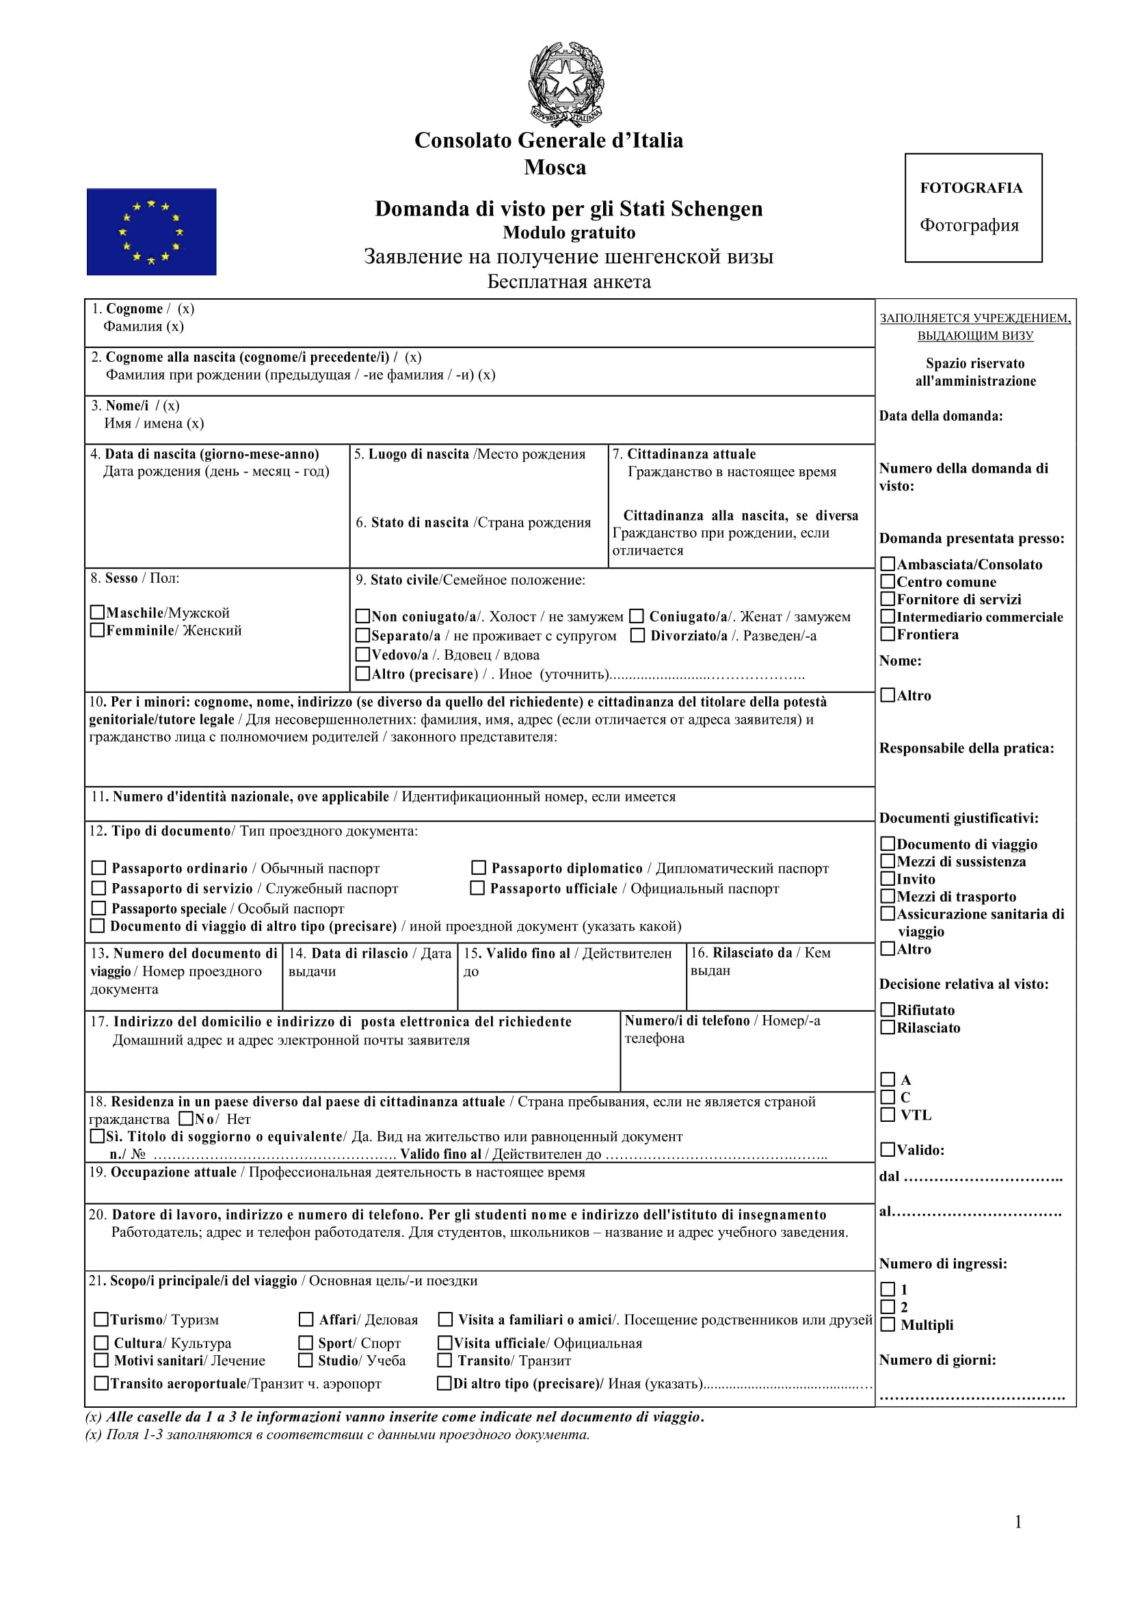 бланк анкеты на визу в италию 1